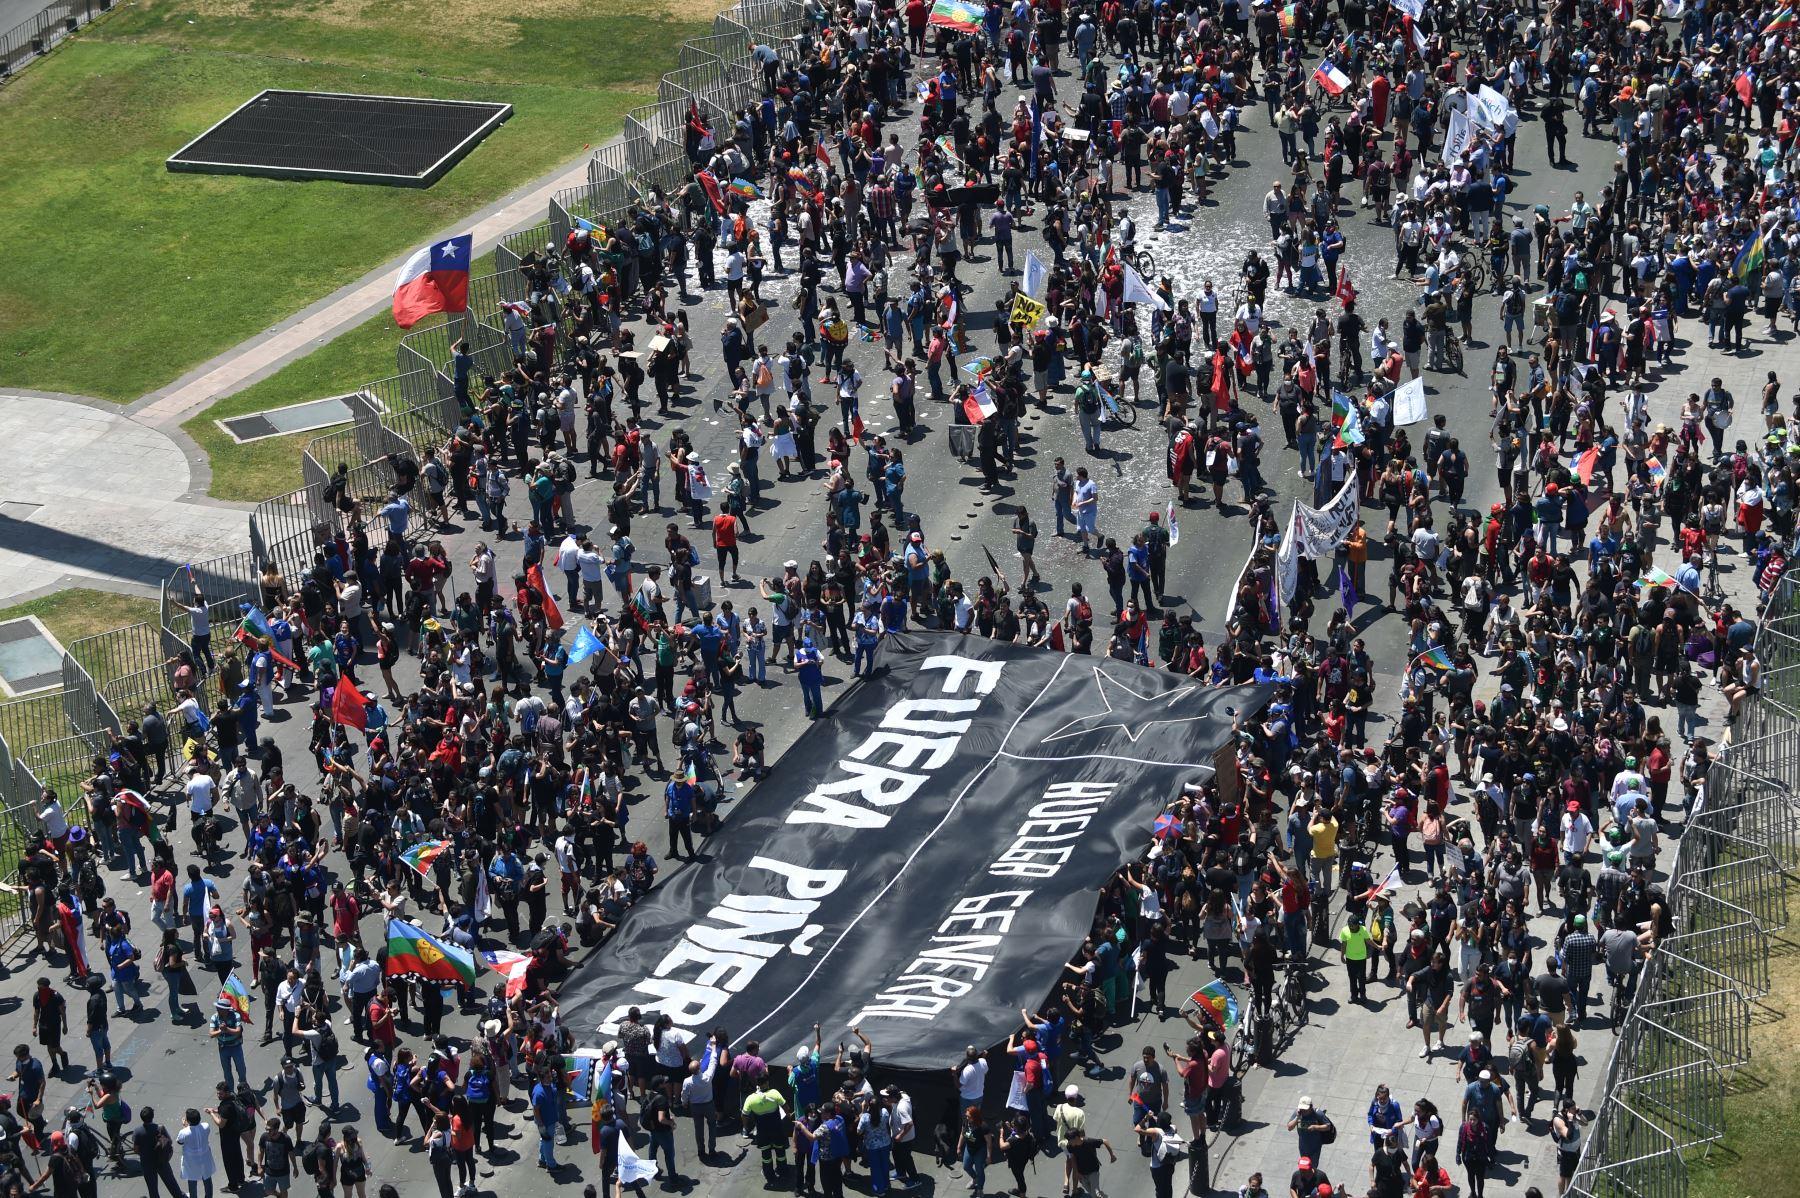 """Vista aérea de personas marchando contra el gobierno del presidente chileno Sebastián Piñera con una pancarta que decía """"Huelga general. Piña afuera"""" hacia el palacio presidencial de La Moneda en Santiago de Chile. Foto: AFP"""